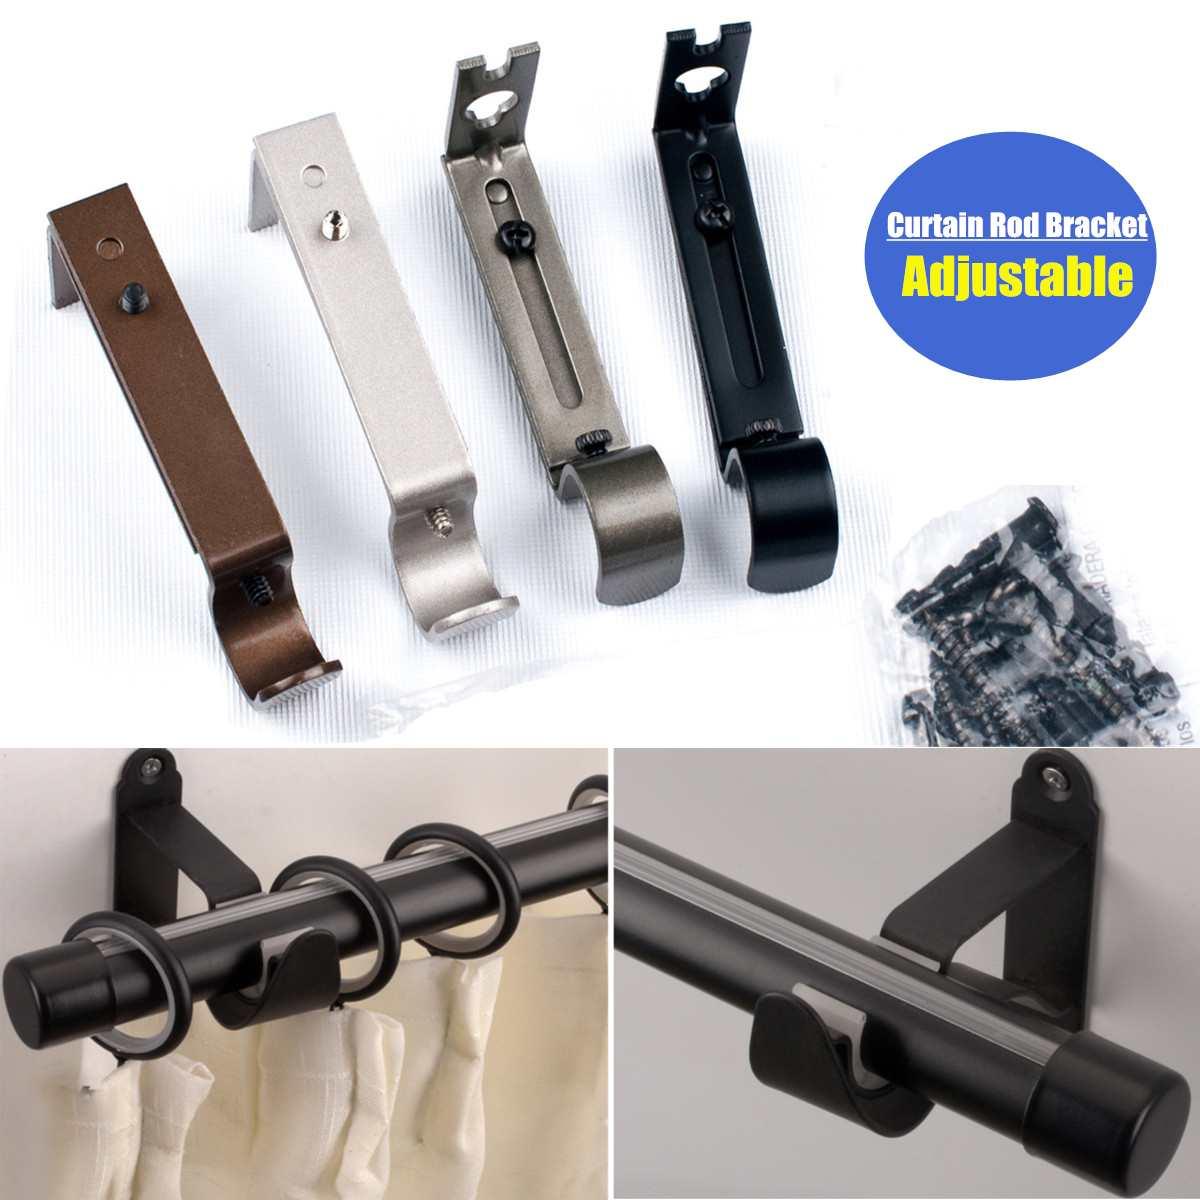 """Einstellbare Metall Eisen Metall Vorhang Stange Halterung Halter Für 1 1/4 """"drapieren Stange Fitting Fenster-dressing Hardware Vorhang Zubehör"""